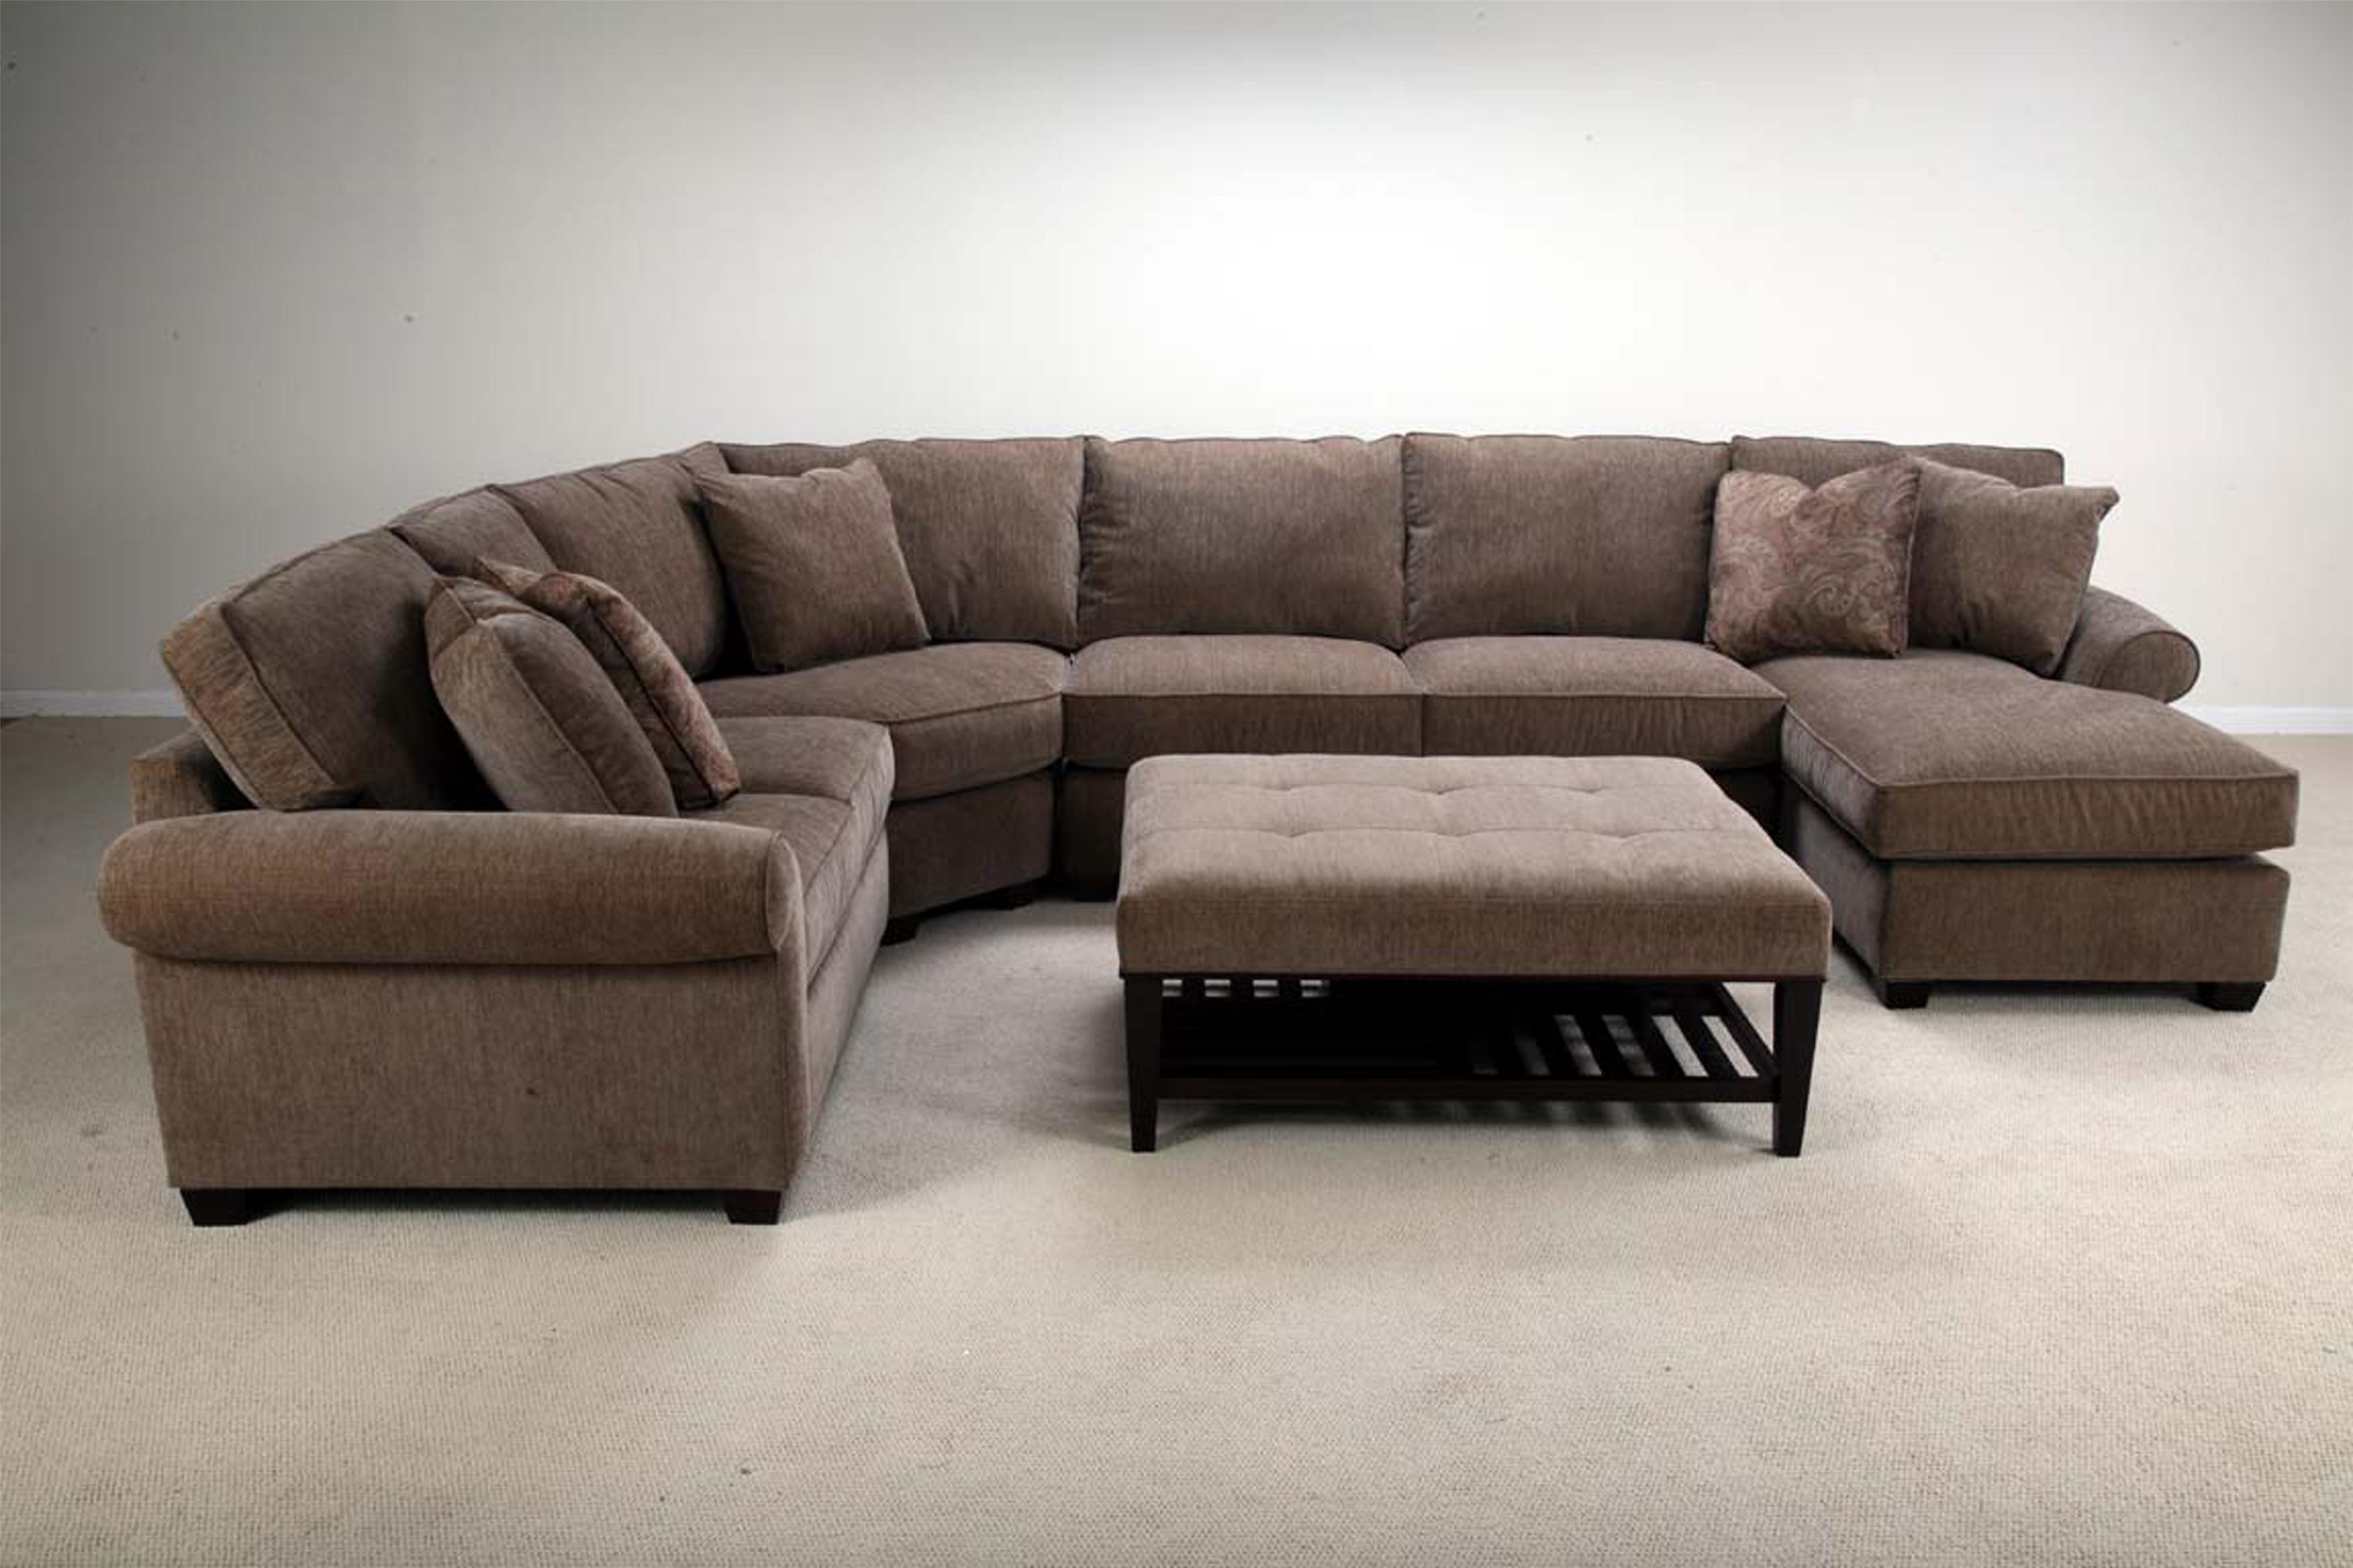 Bauhaus Sectional Sleeper Sofa httpml2rcom Pinterest